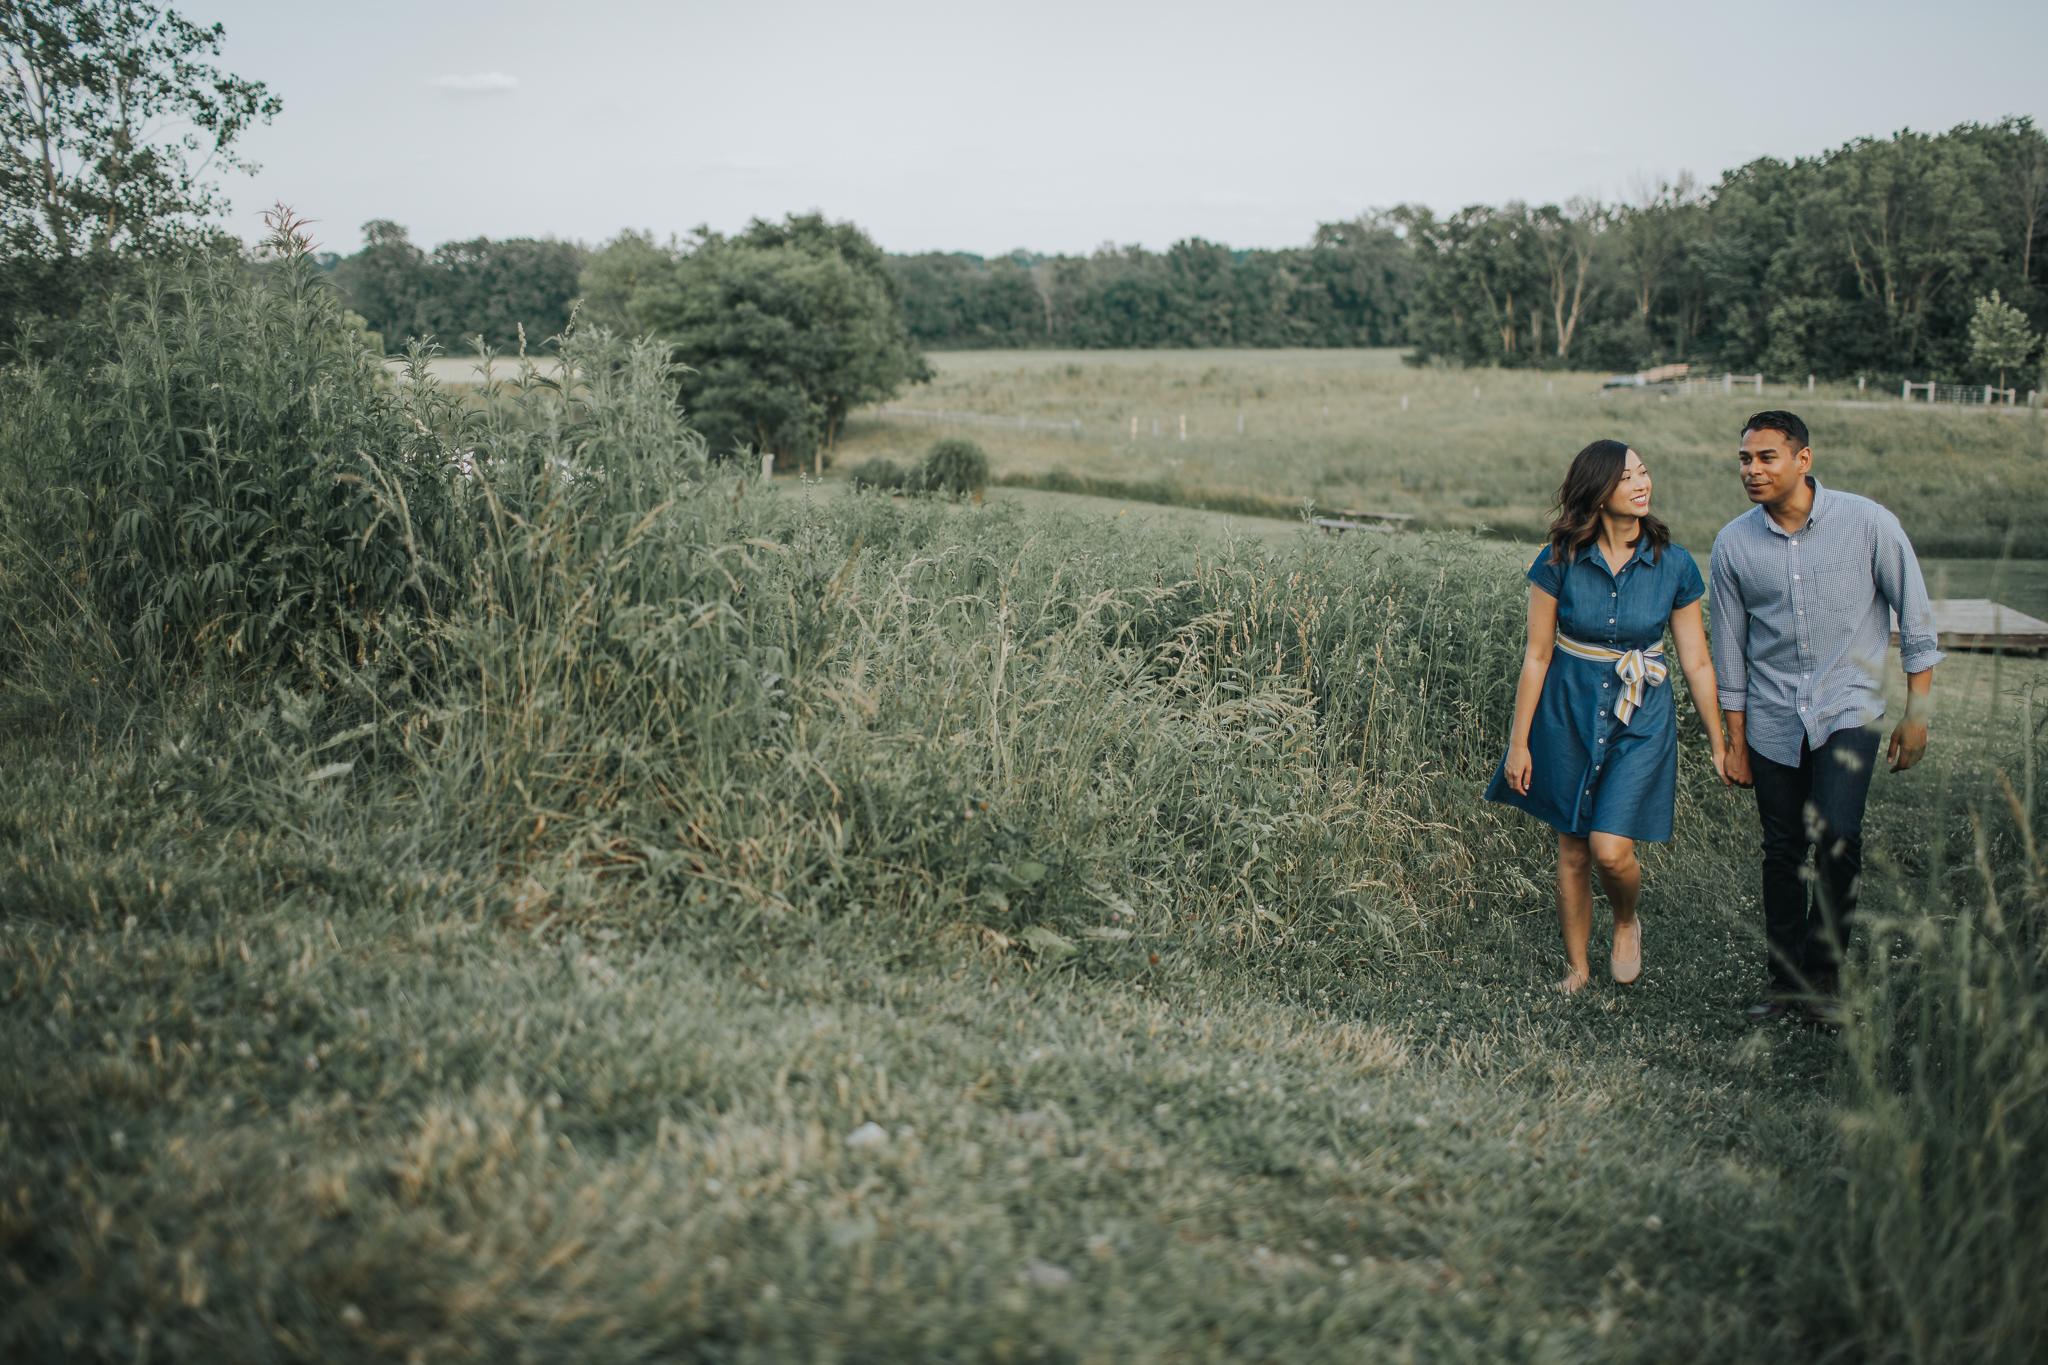 Zionsville Wedding Photographer